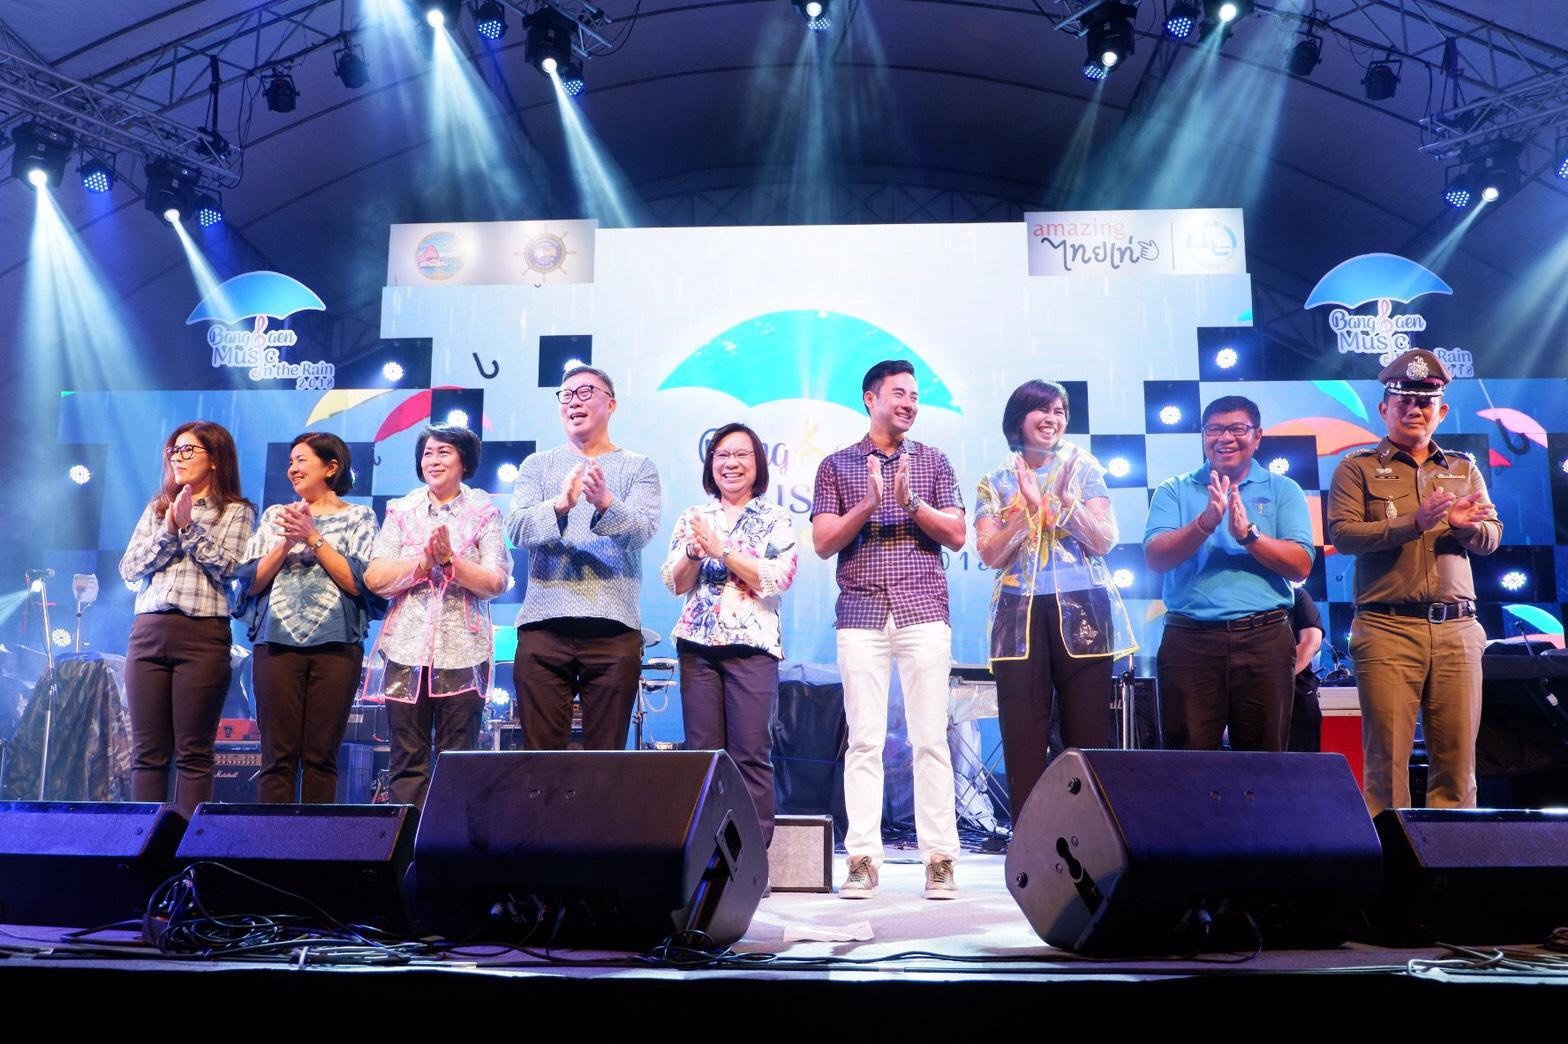 งานเทศกาลดนตรี Bangsaen Music in the Rain 2018